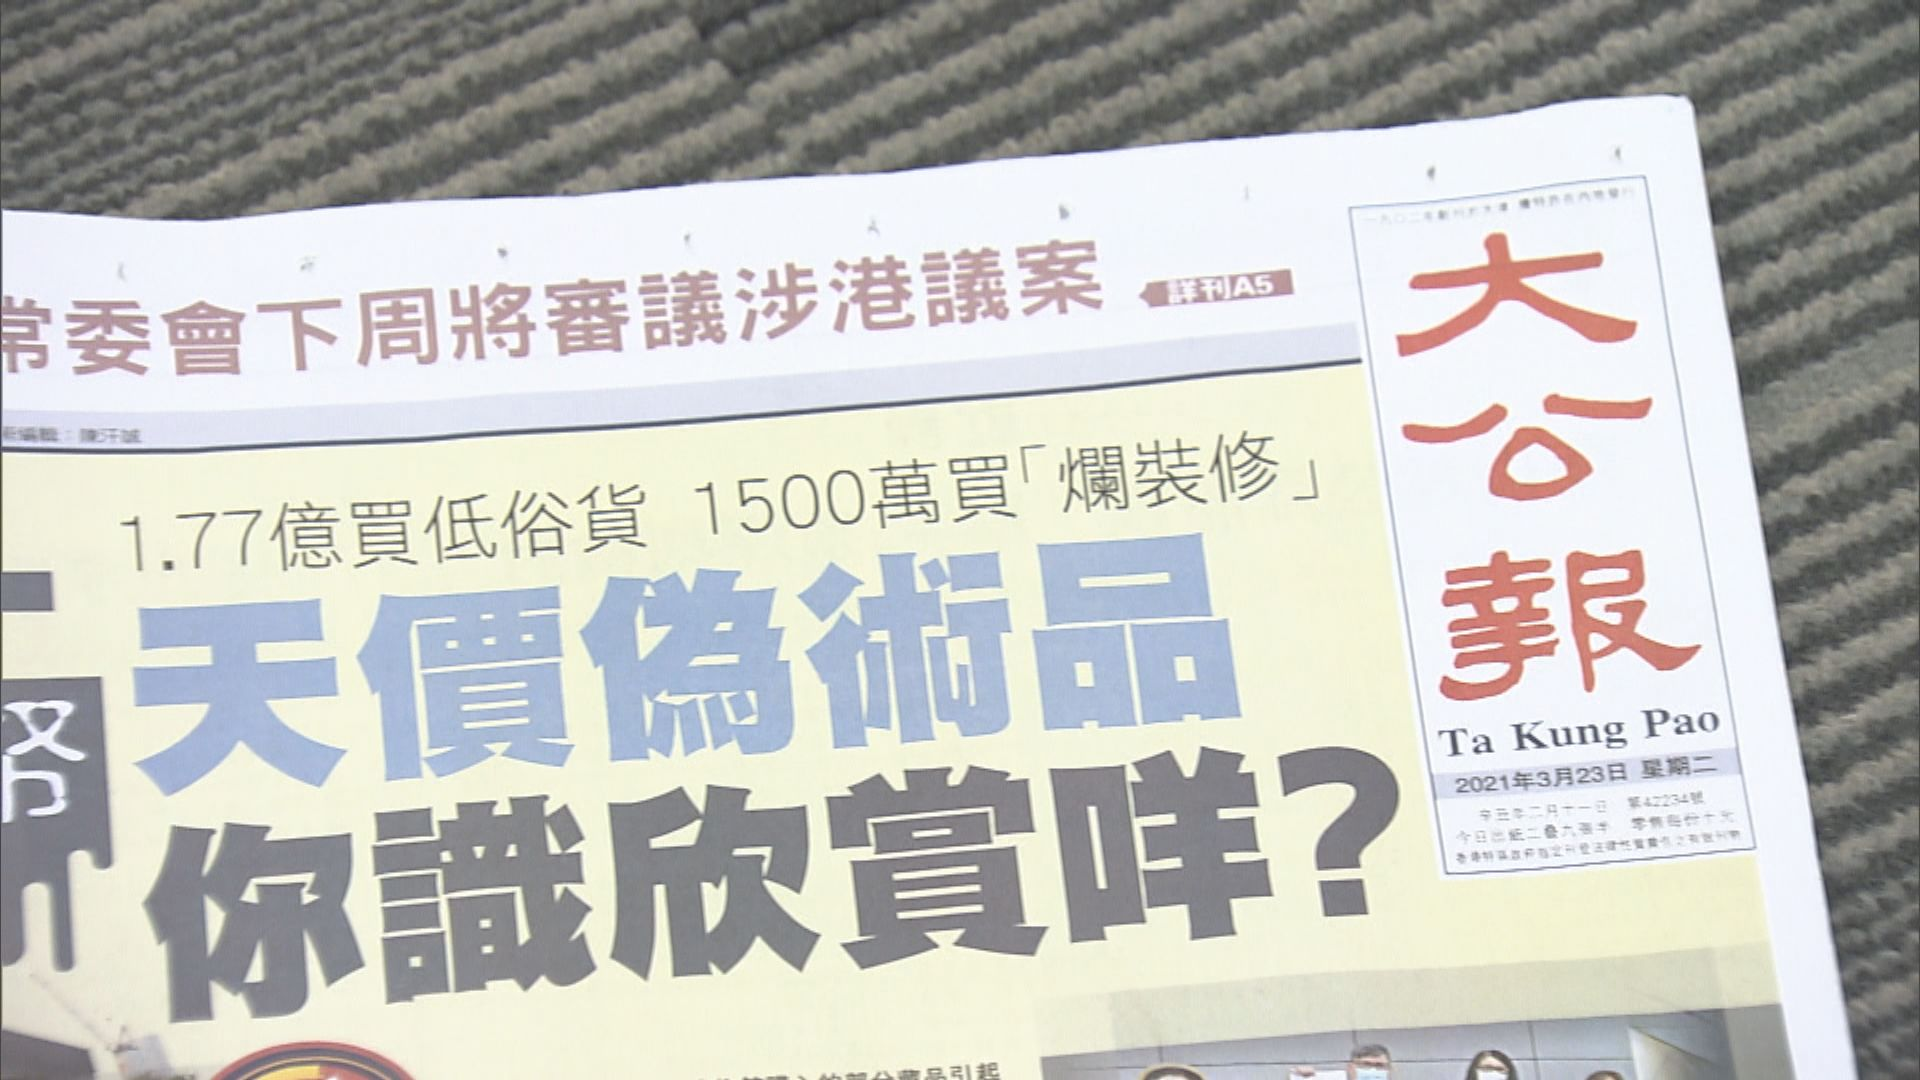 林鄭:文化工作須依法辦事 不能與國安法有衝突